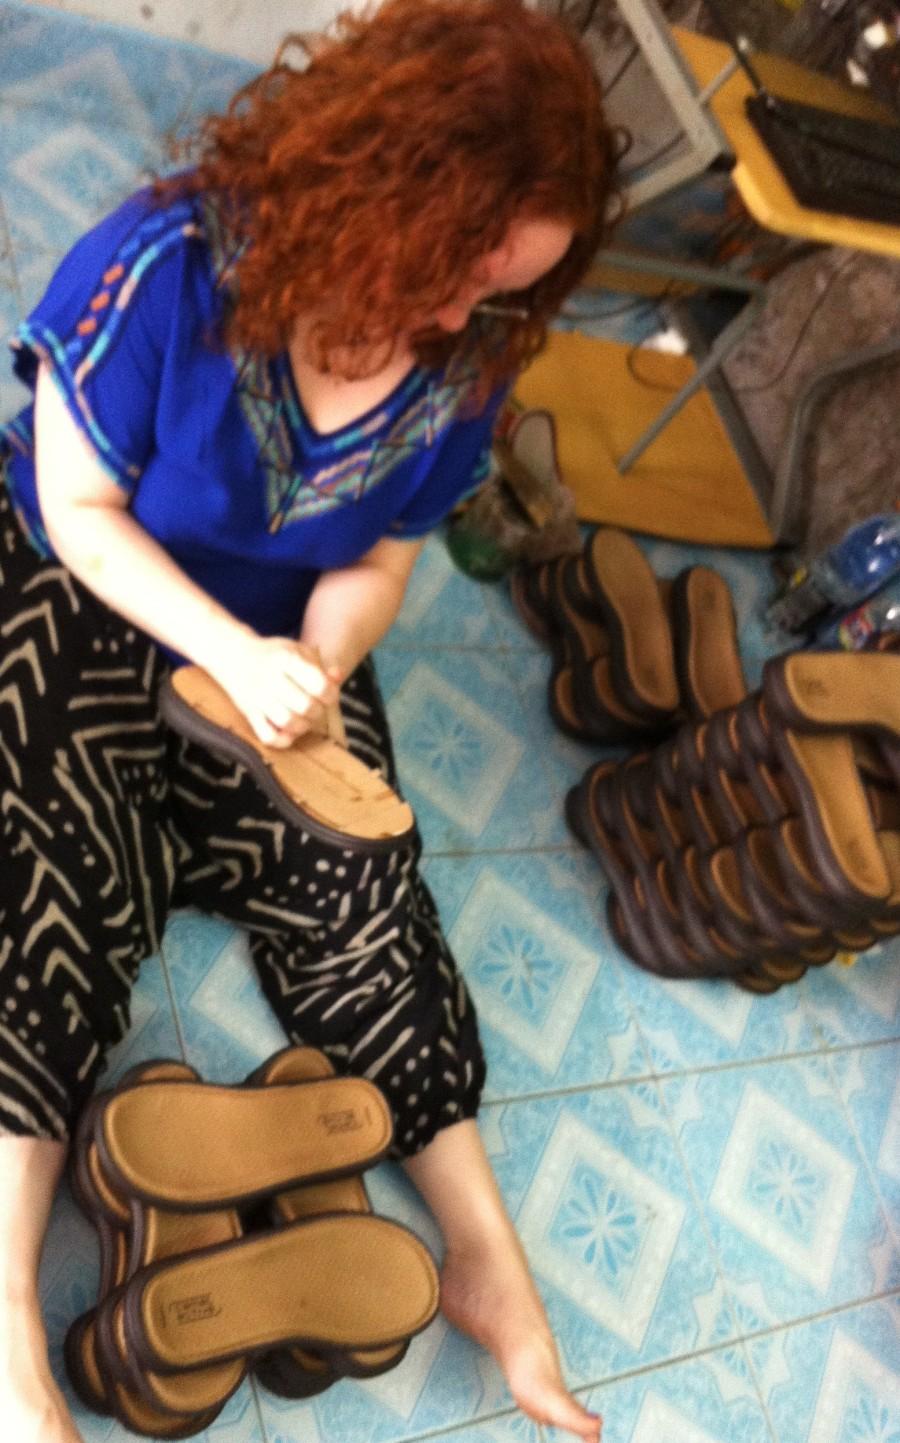 Shoemaker's workshop